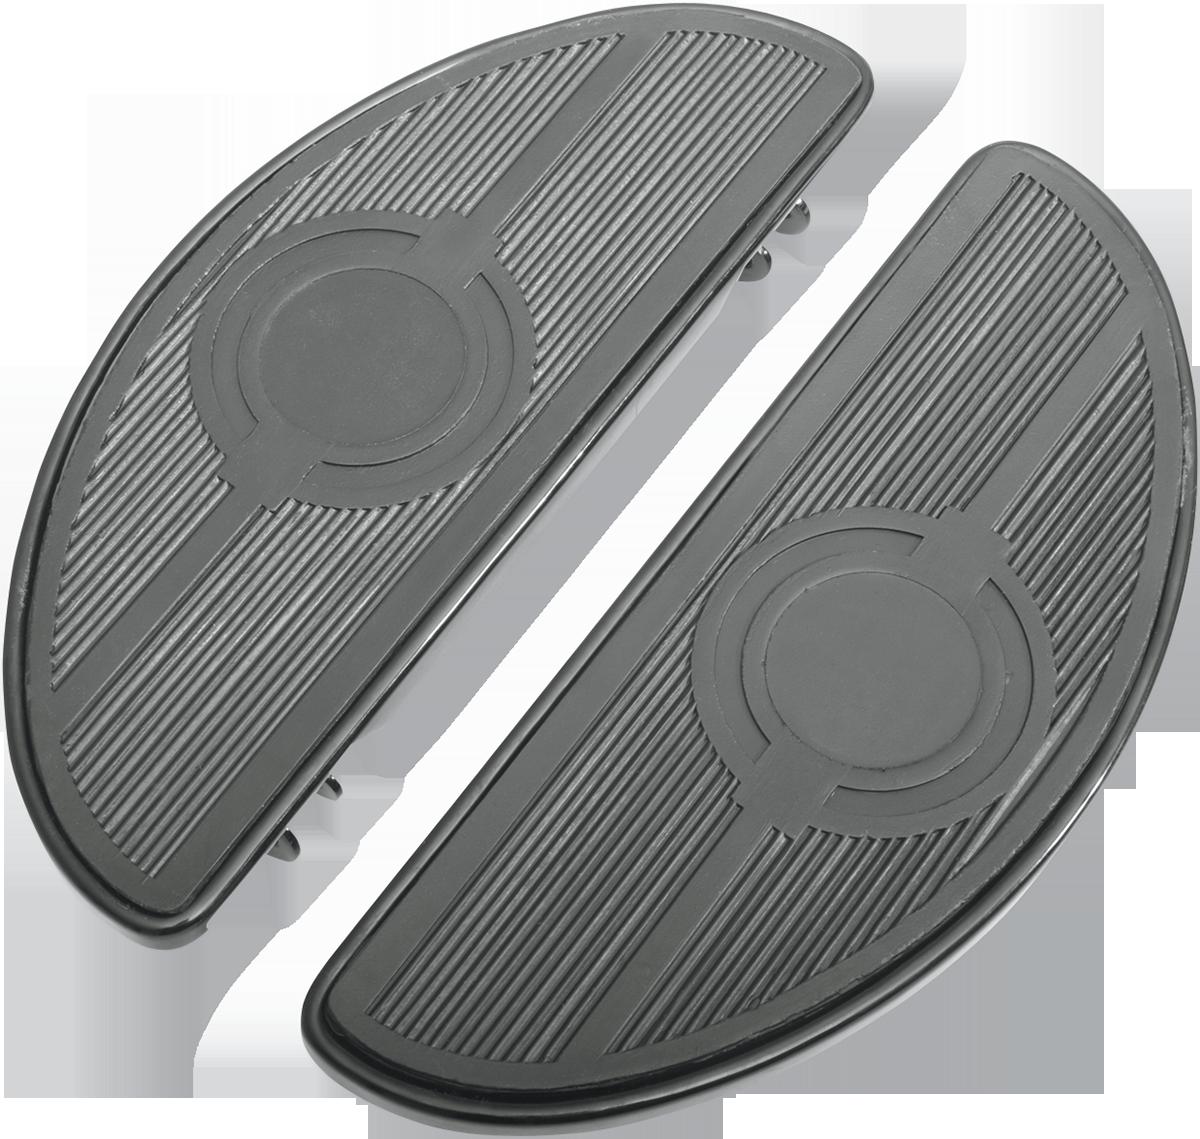 Drag Specialties Standard Mounts Passenger Floorboard Black  1621-0393